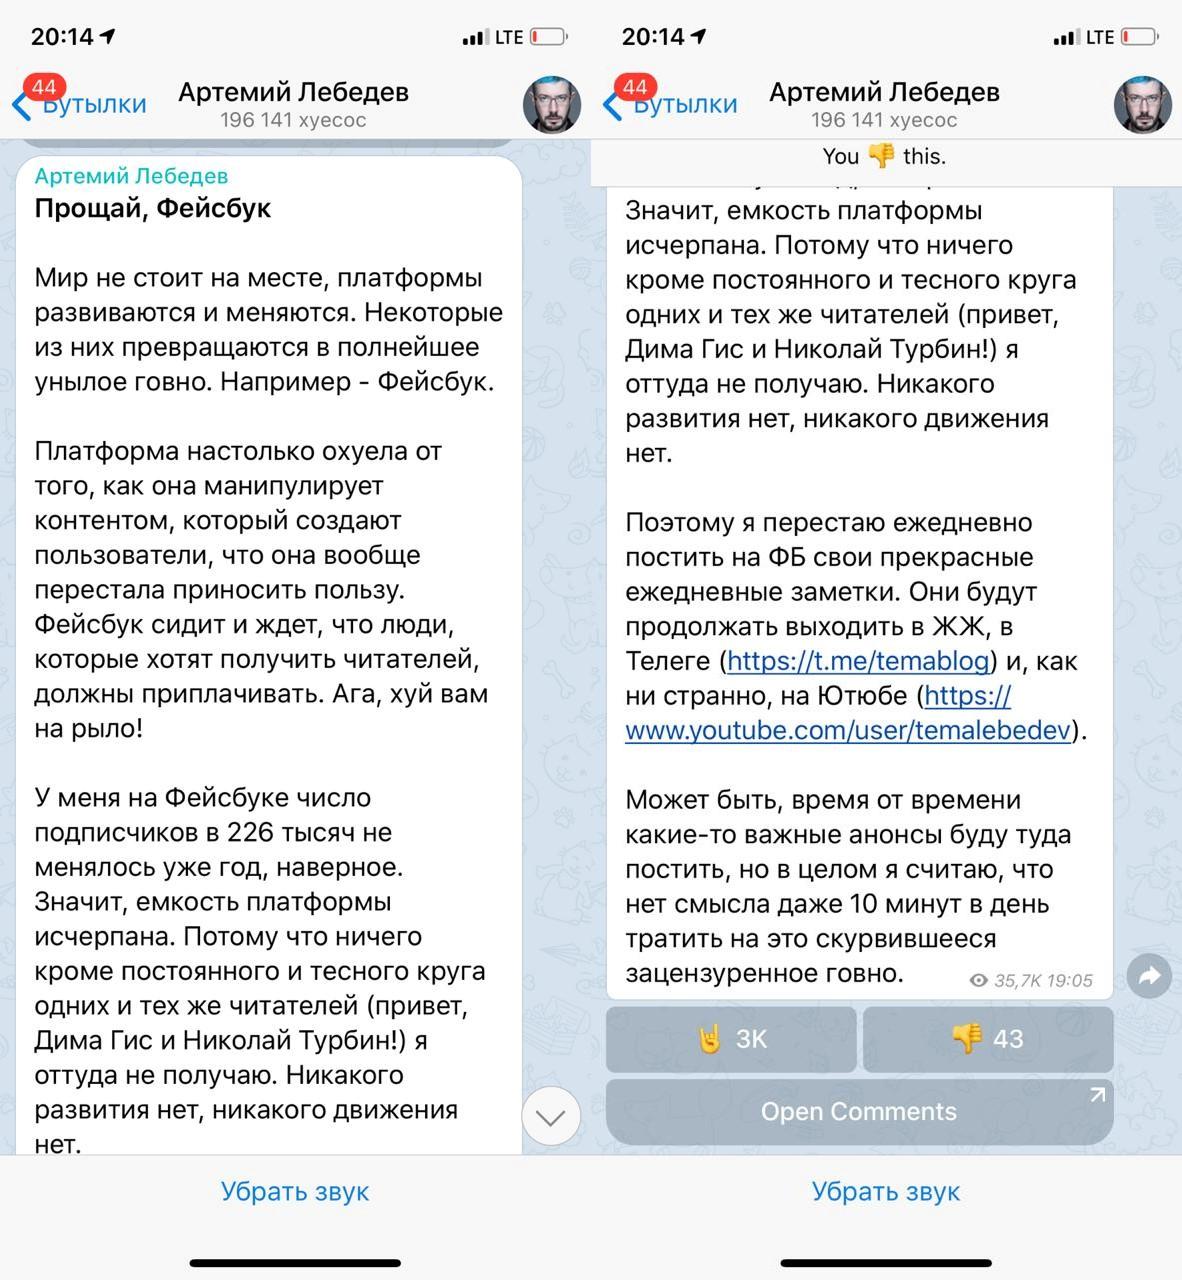 Артемий Лебедев уходит из фейсбука в телеграм и YouTube